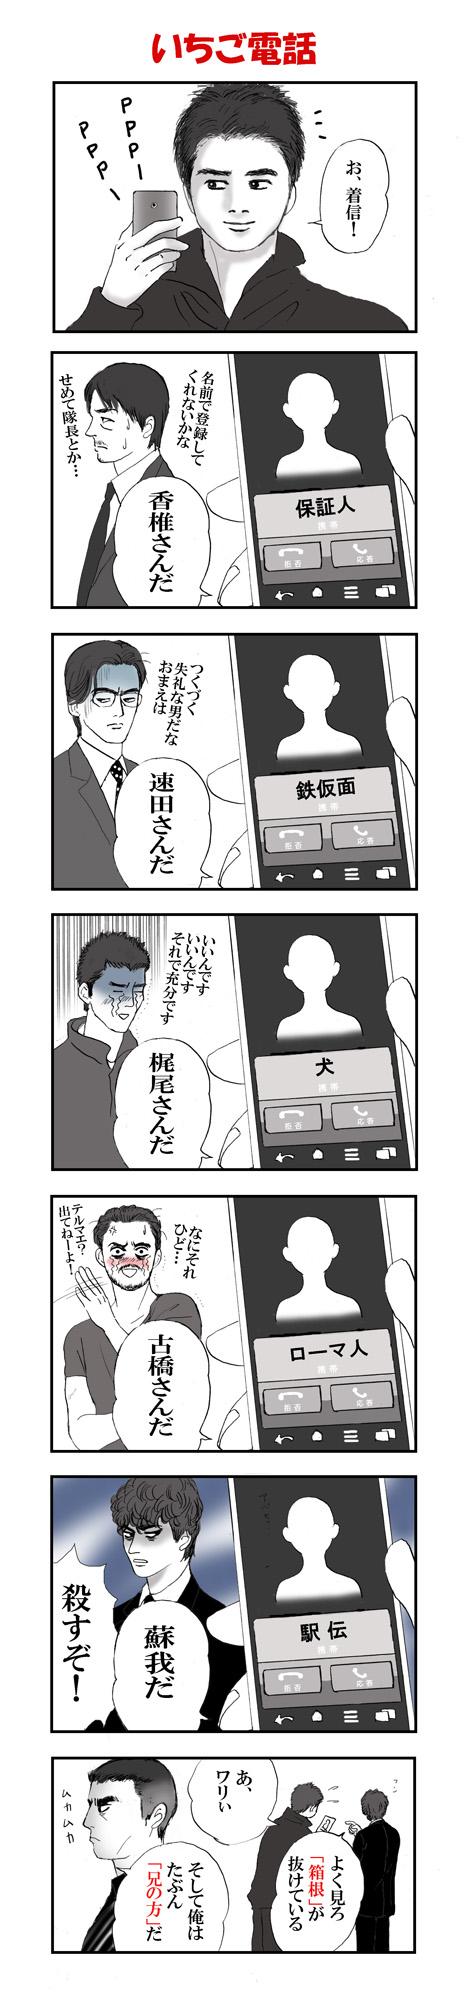 s-kei3